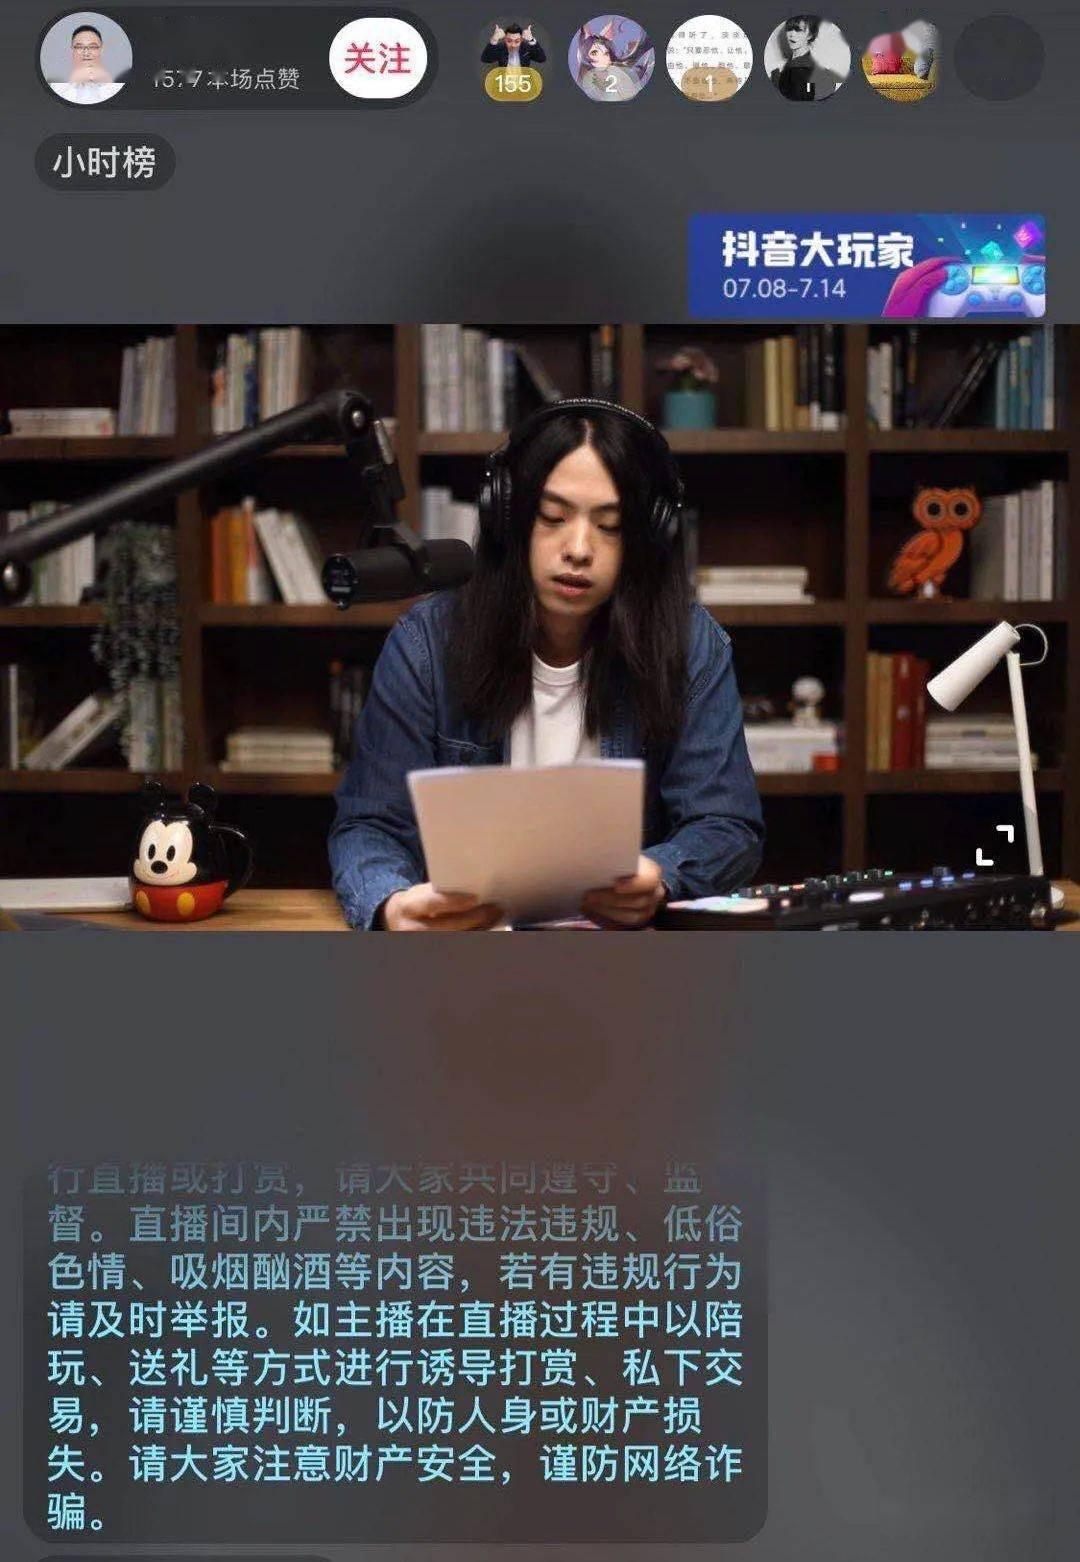 """罗振宇直播最高仅86人观看,网友喊他说明""""贝米钱包""""事件"""